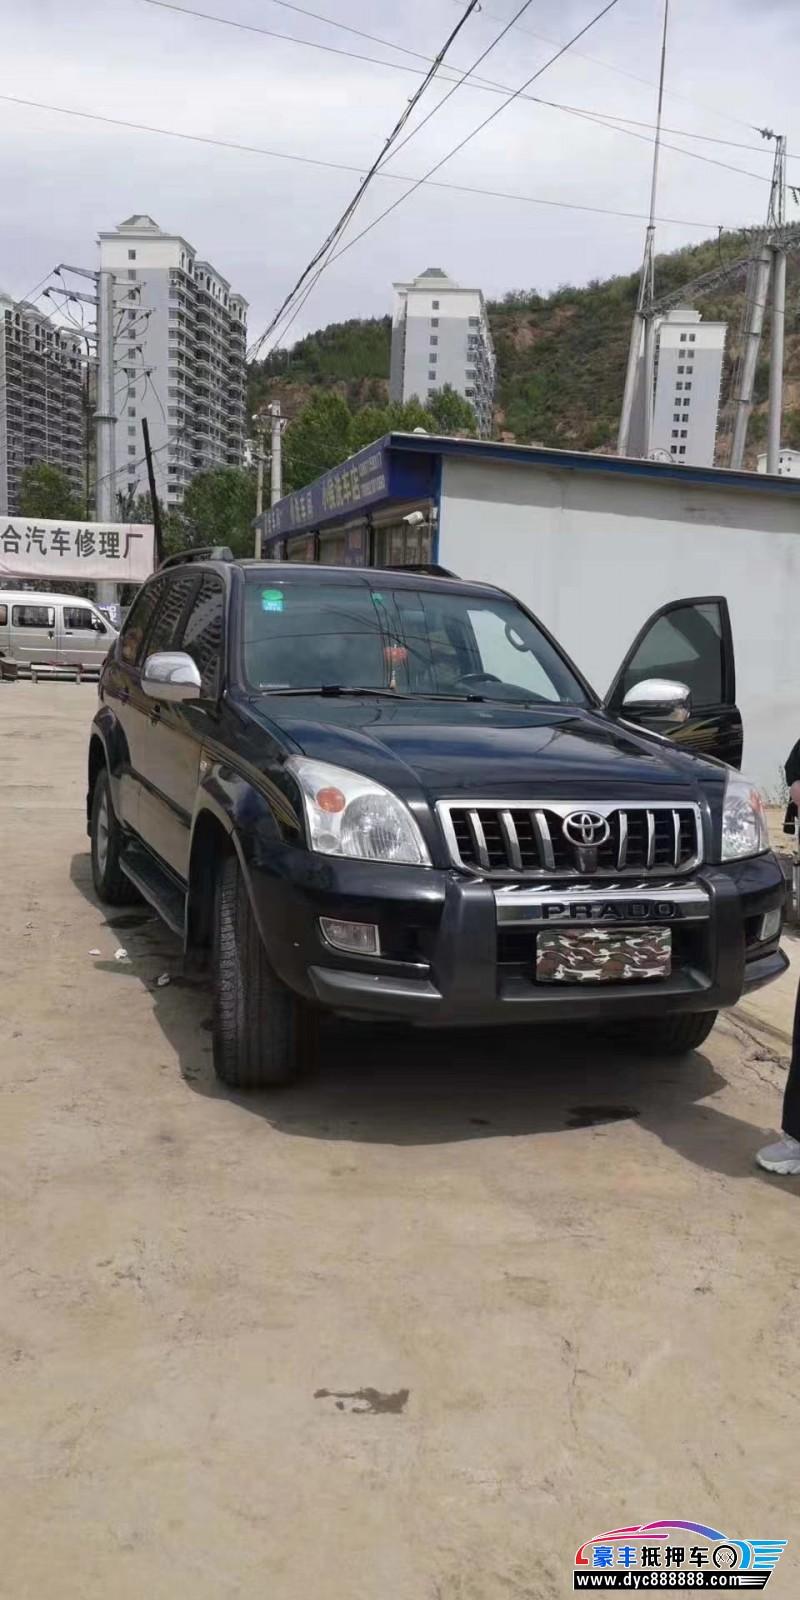 09年丰田普拉多SUV抵押车出售